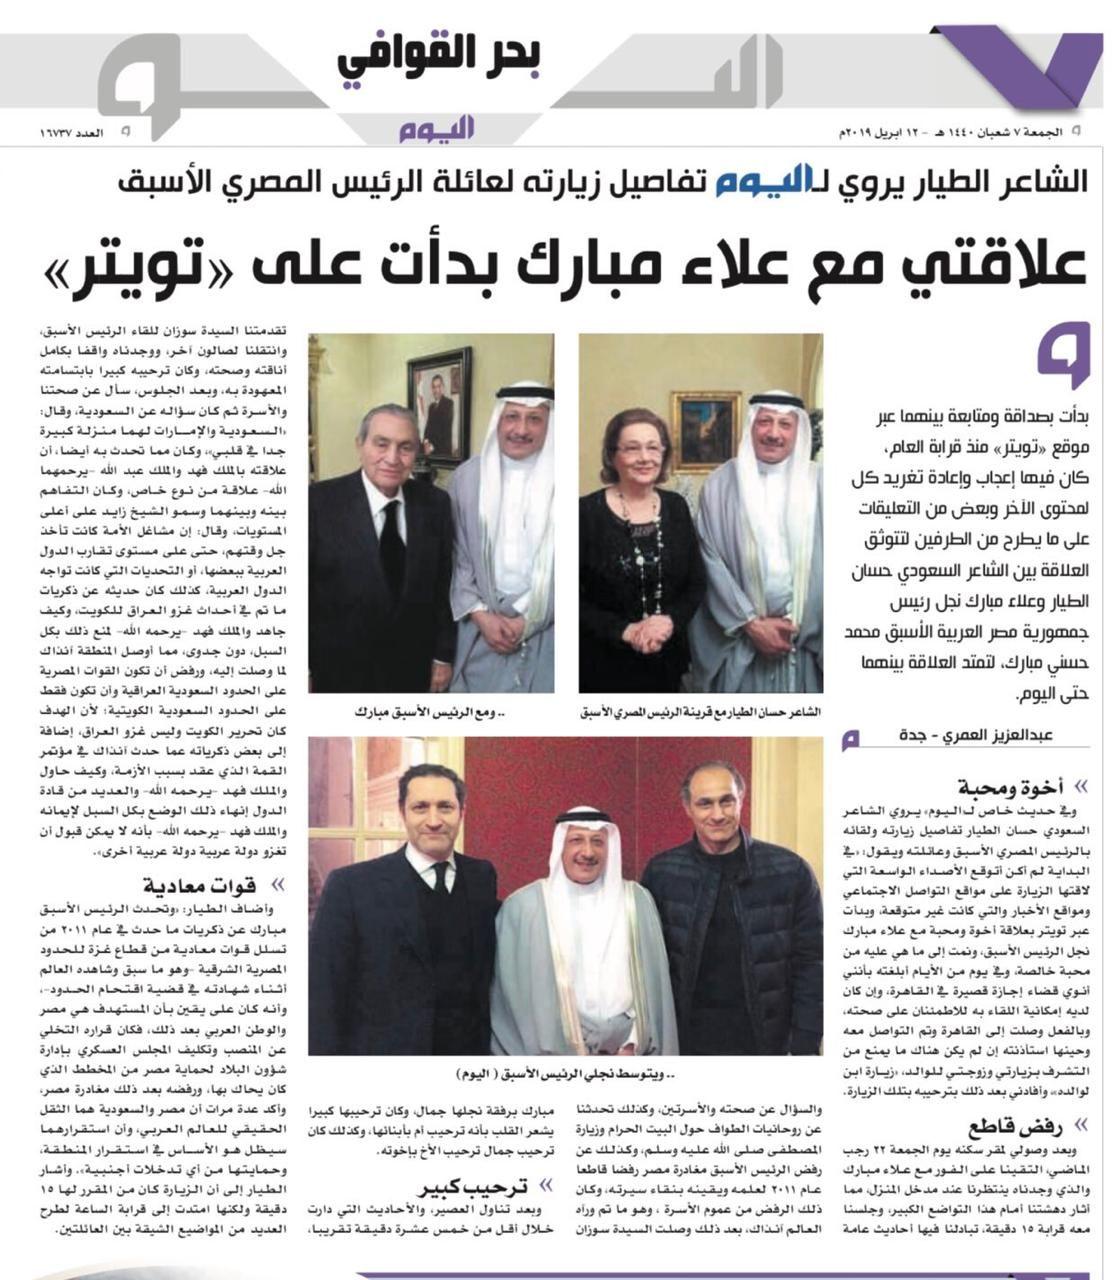 صحيفة اليوم السعودية Oia